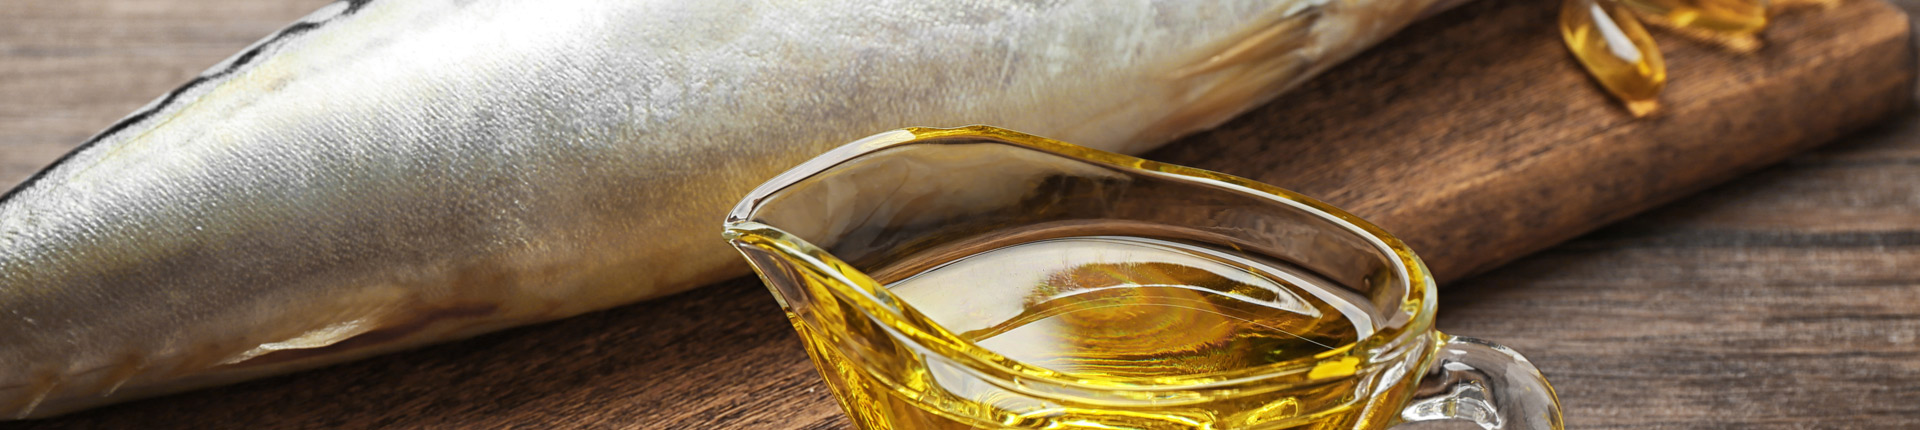 Olej z kryla czy olej z ryb